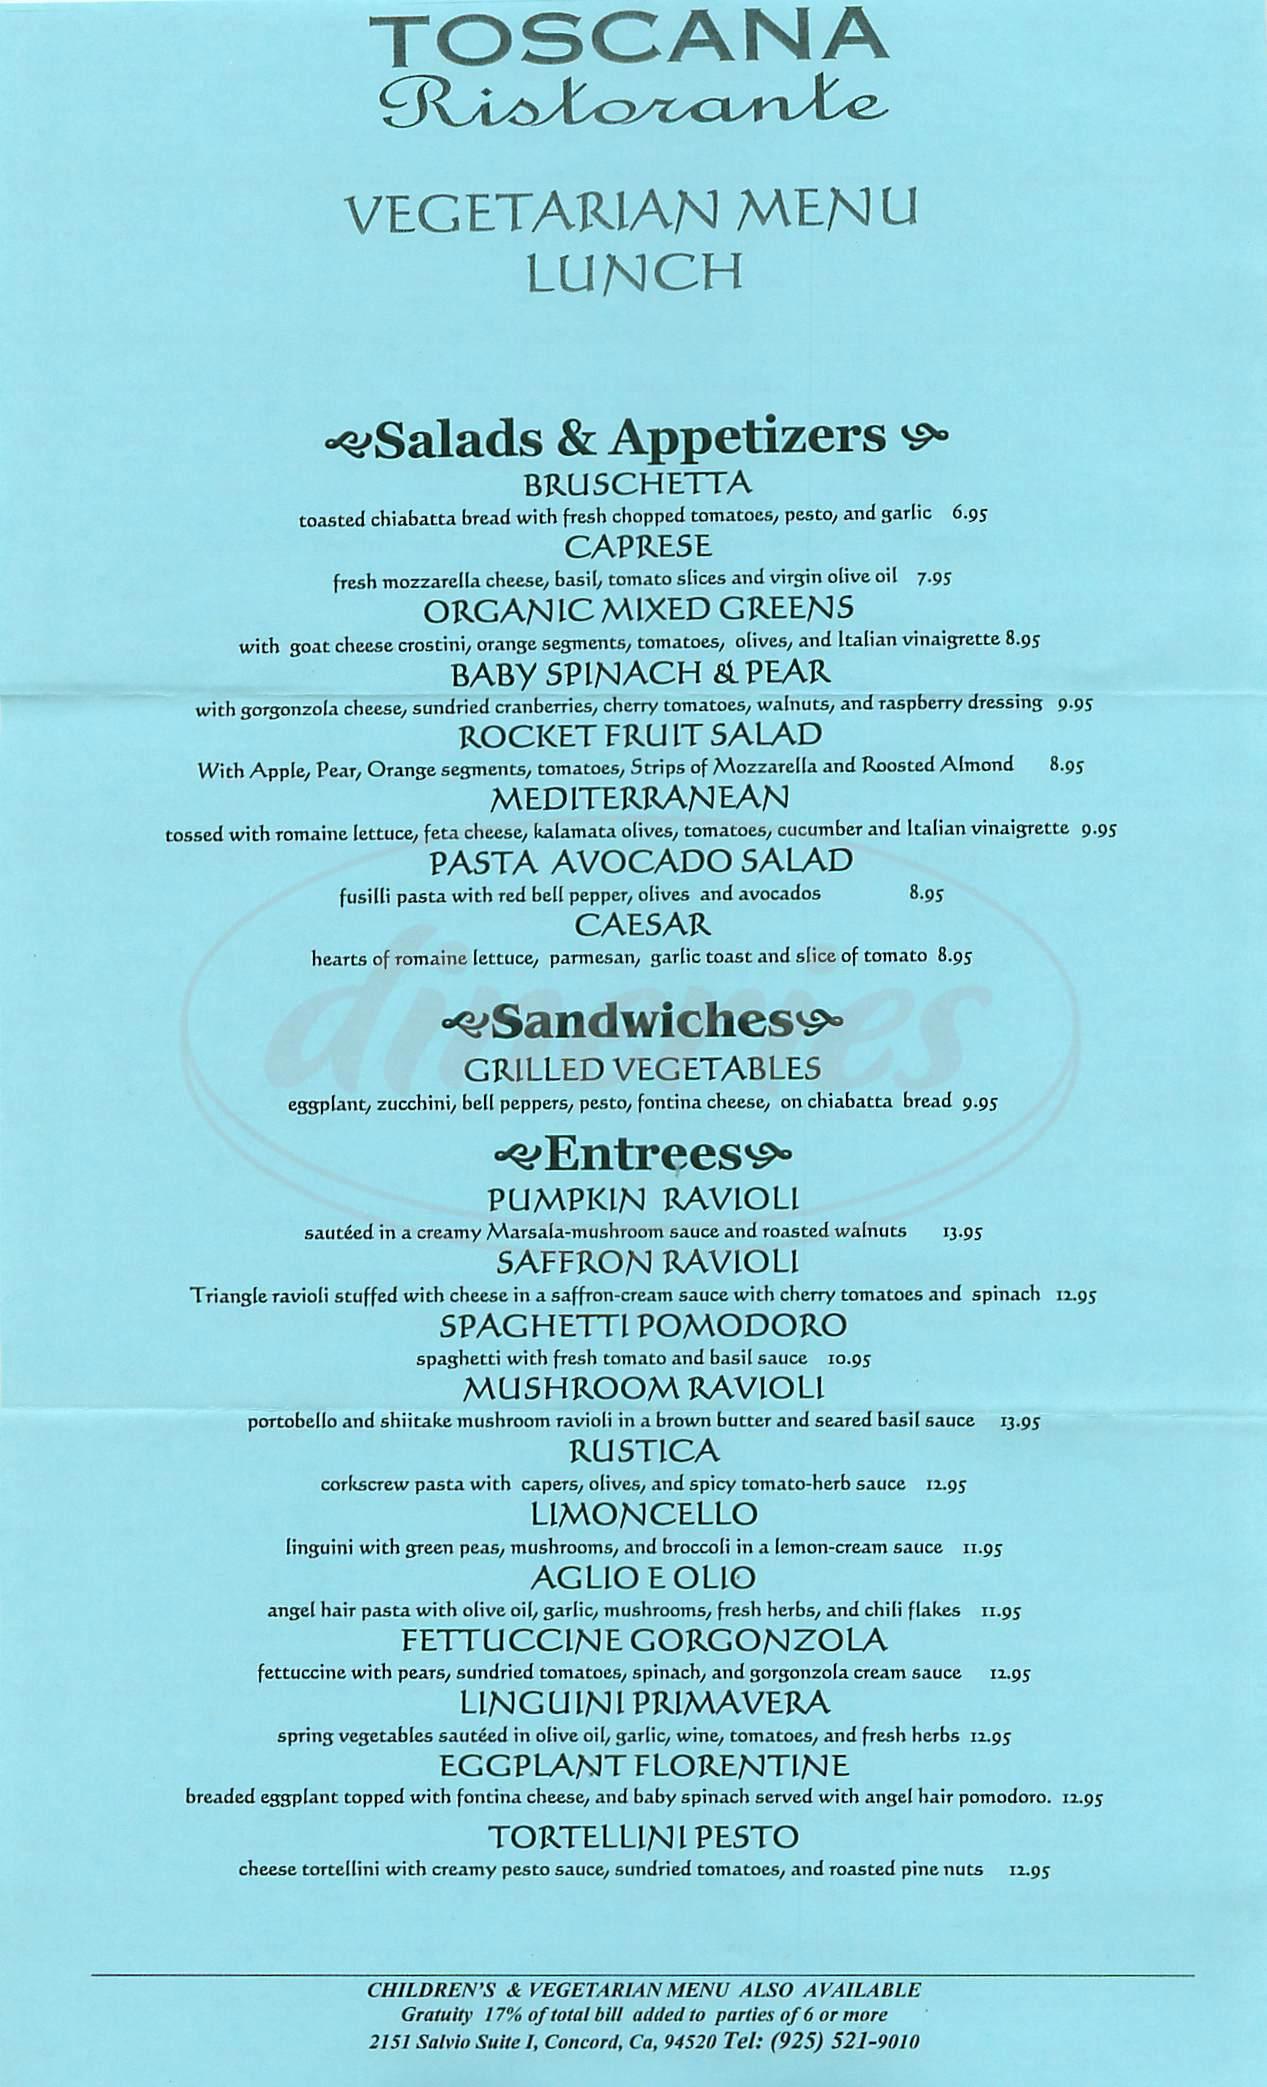 menu for Toscana Ristorante